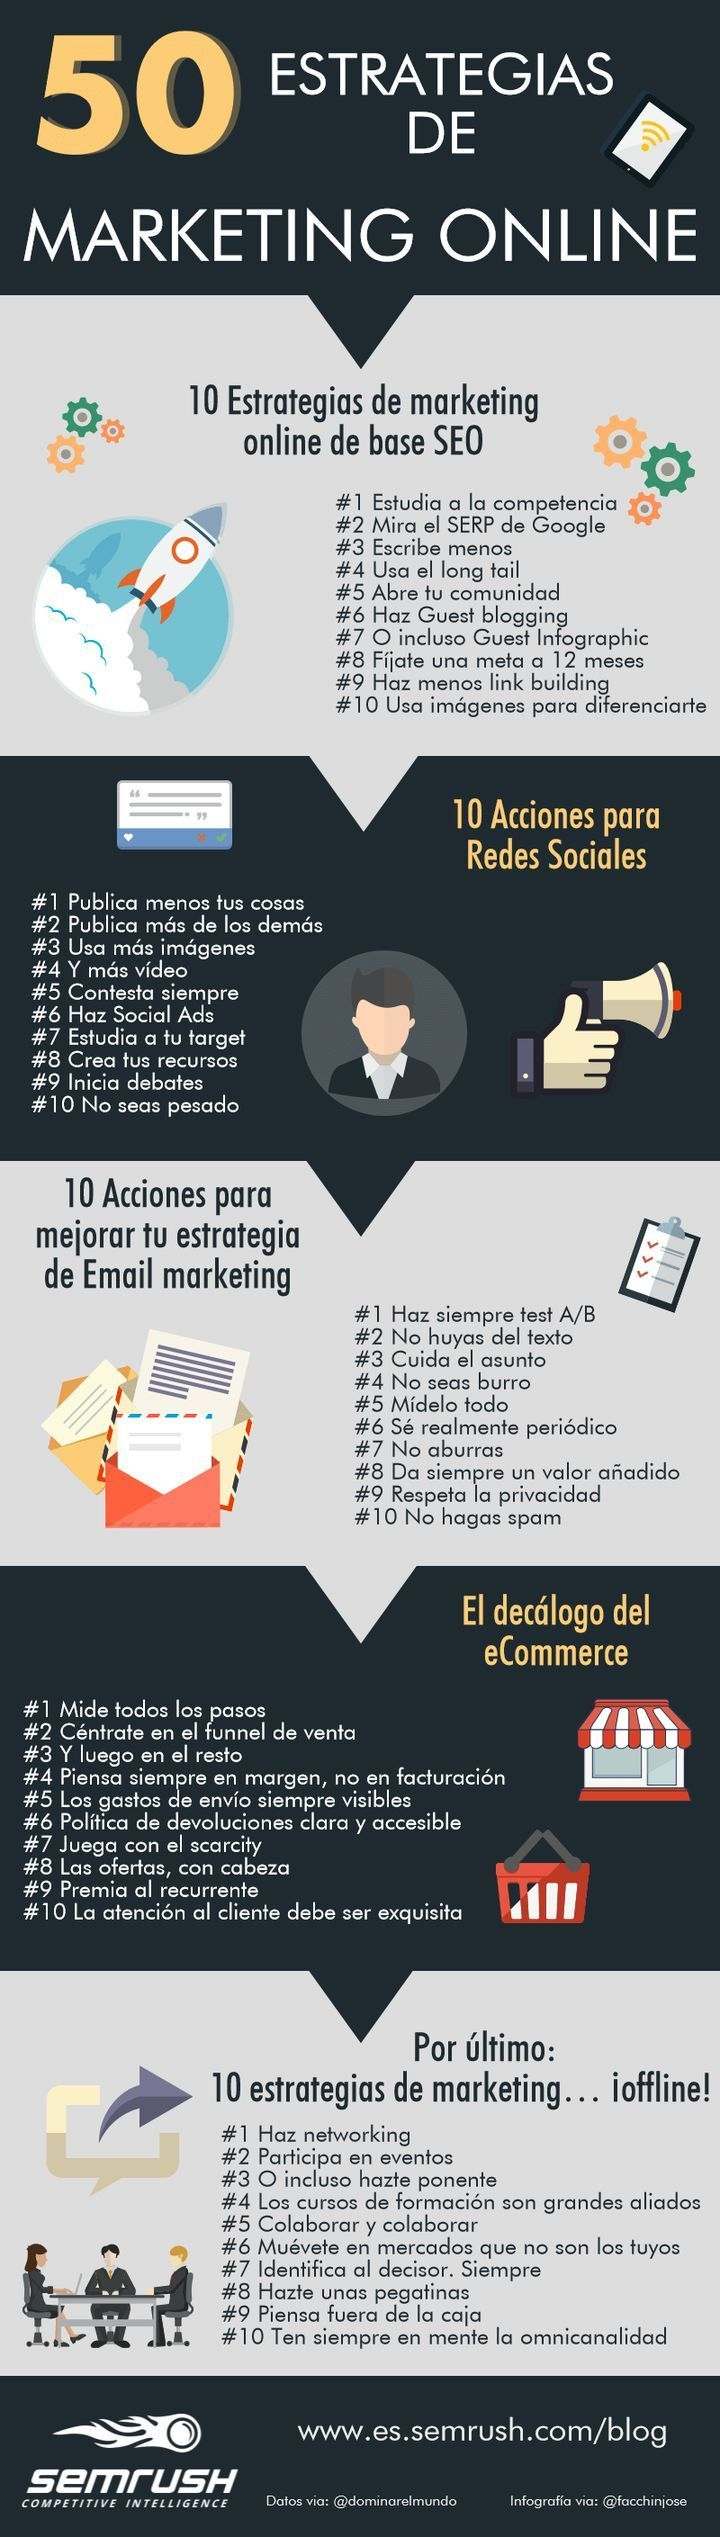 50 Estrategias de Marketing online #infografia #infographic #marketing